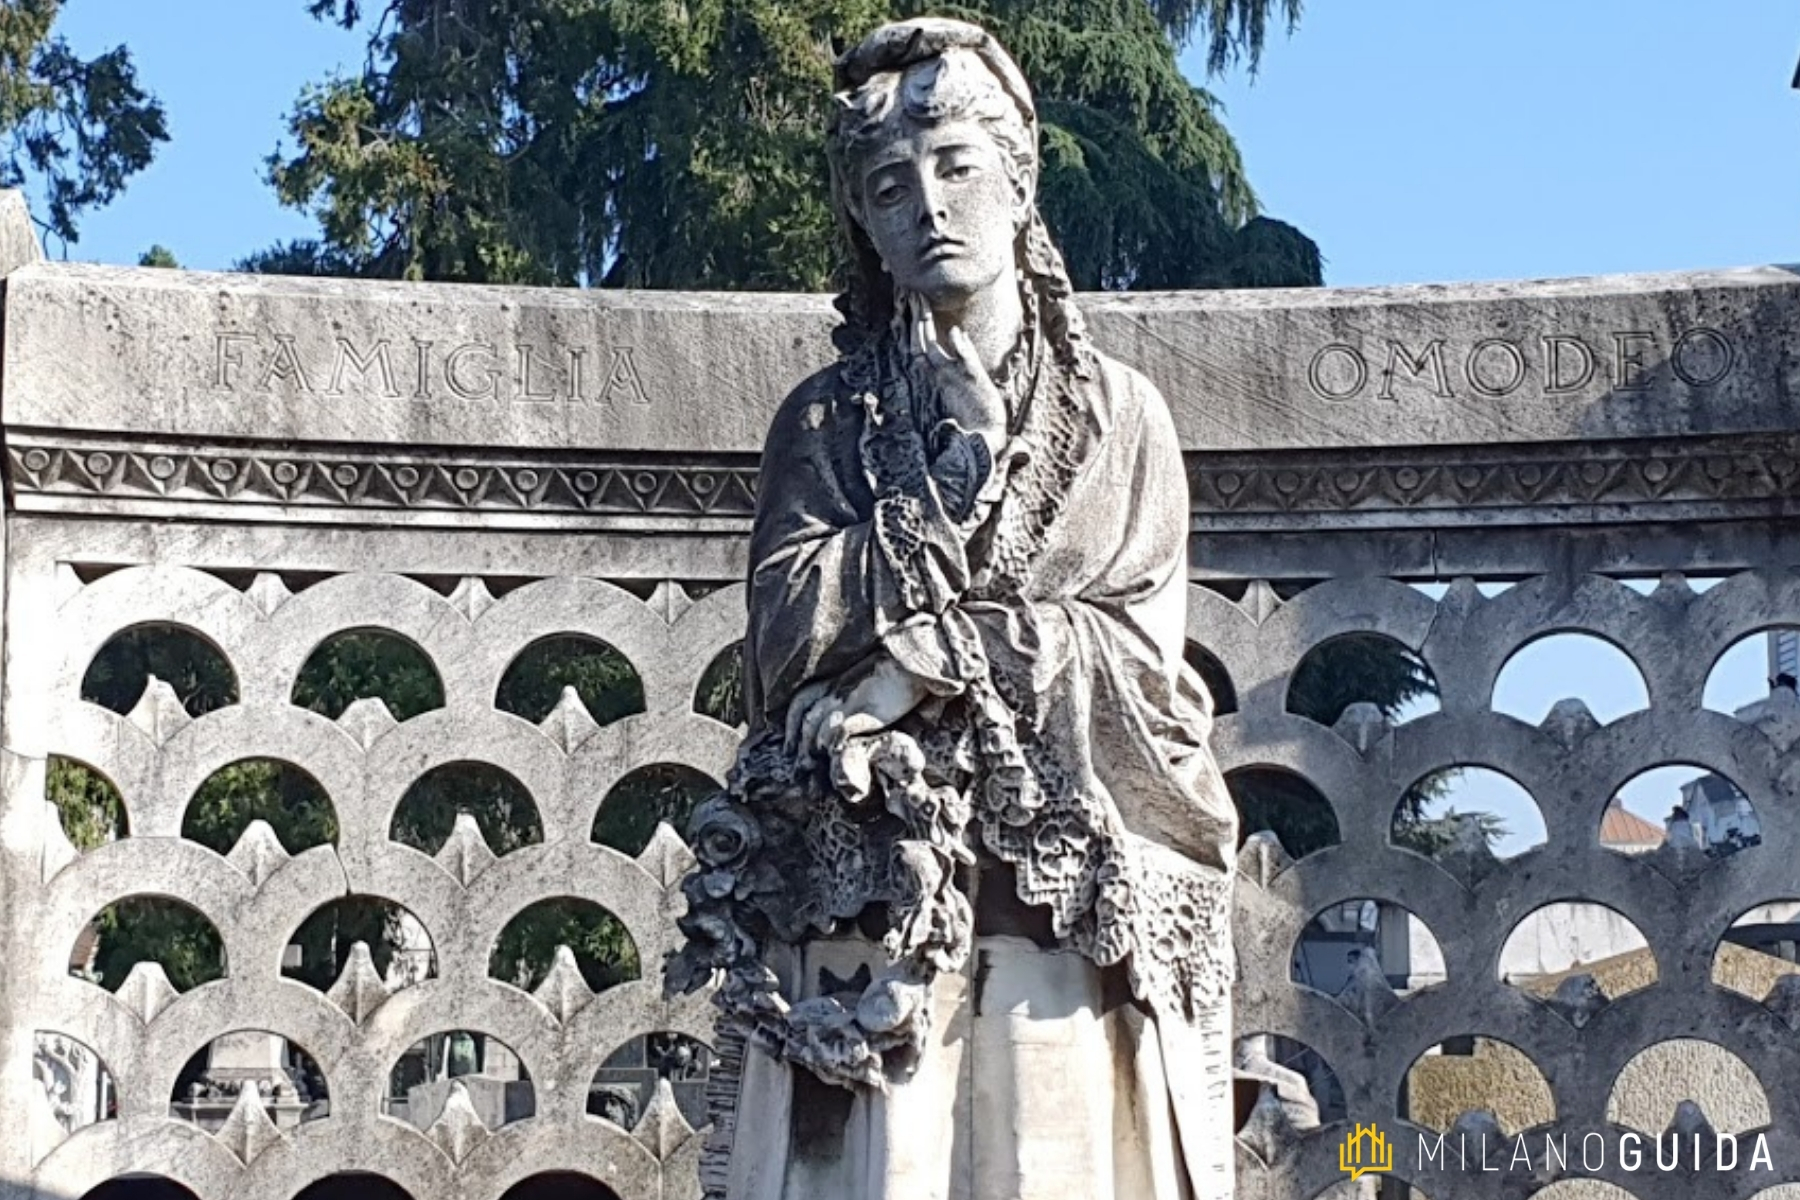 Visita guidata al Cimitero Monumentale: stili, simboli e grandi maestri